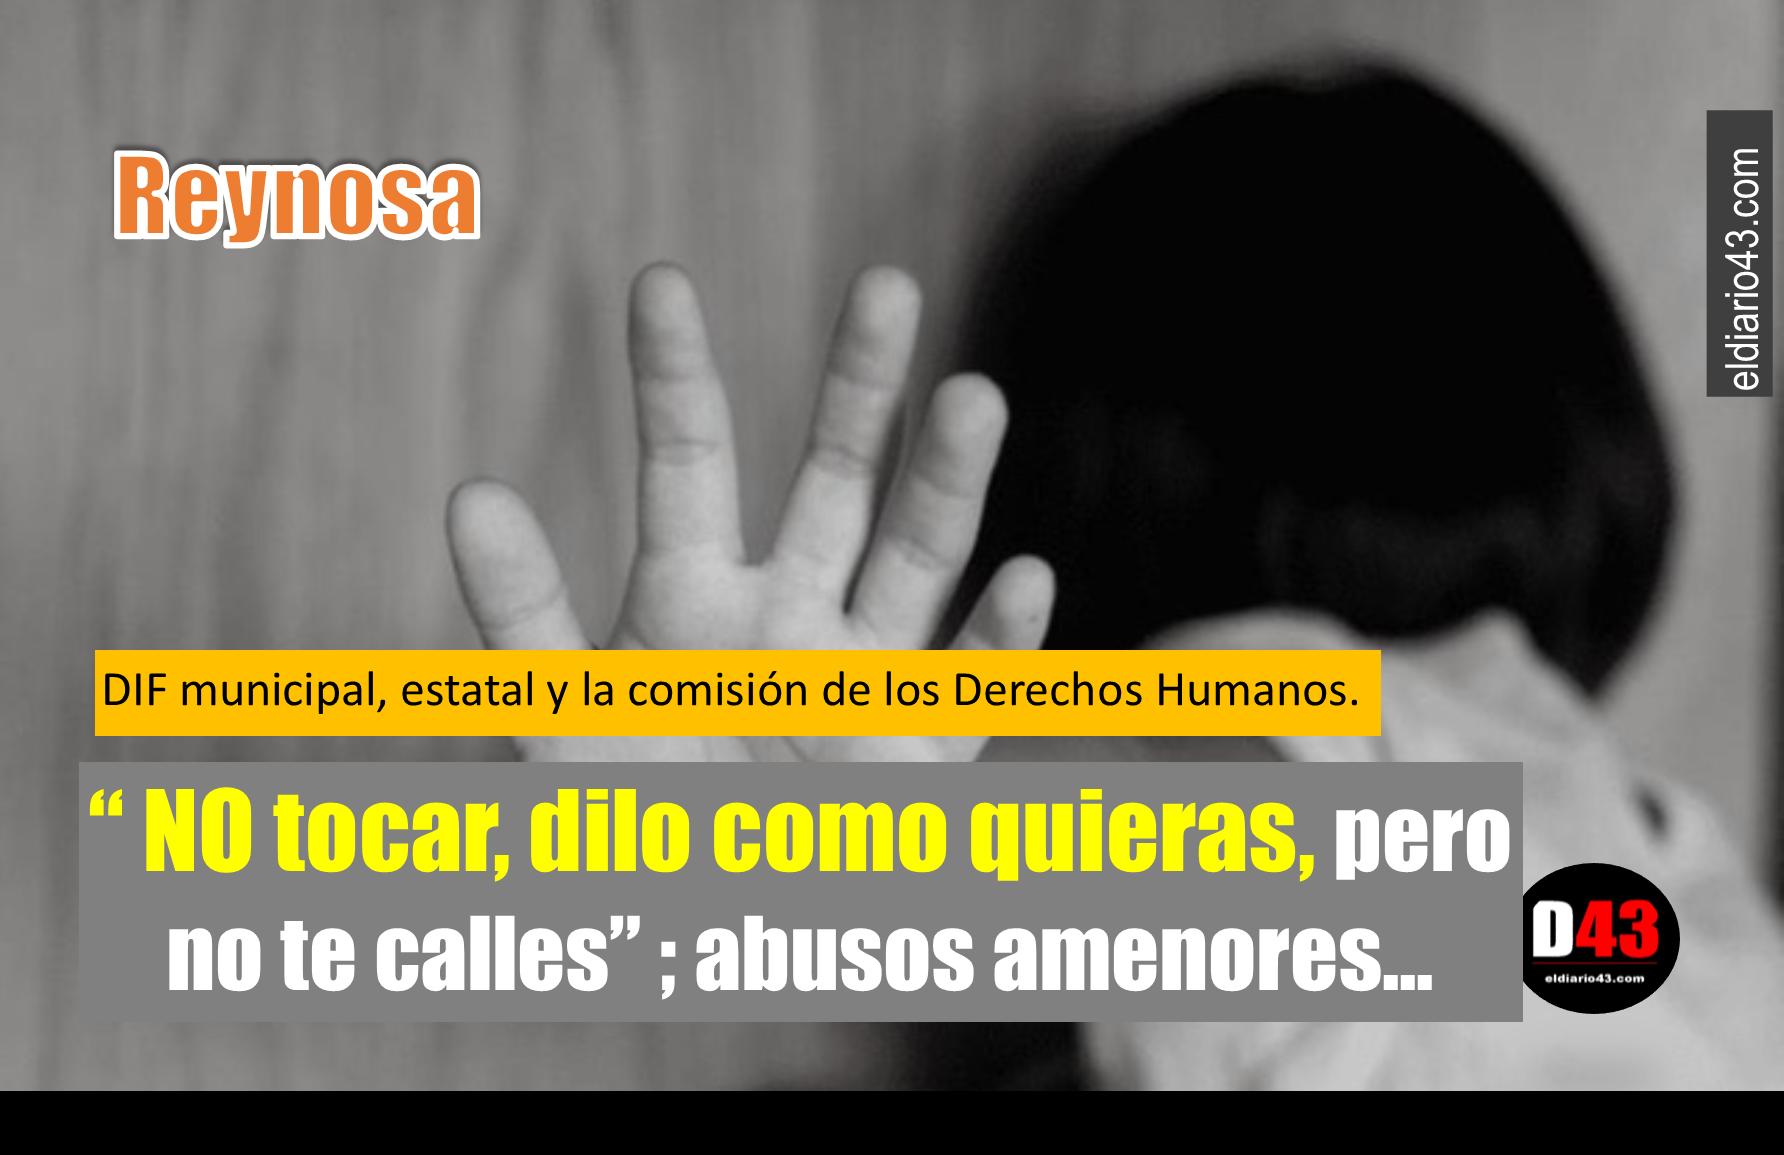 Implementan acciones para detener abusos contra menores